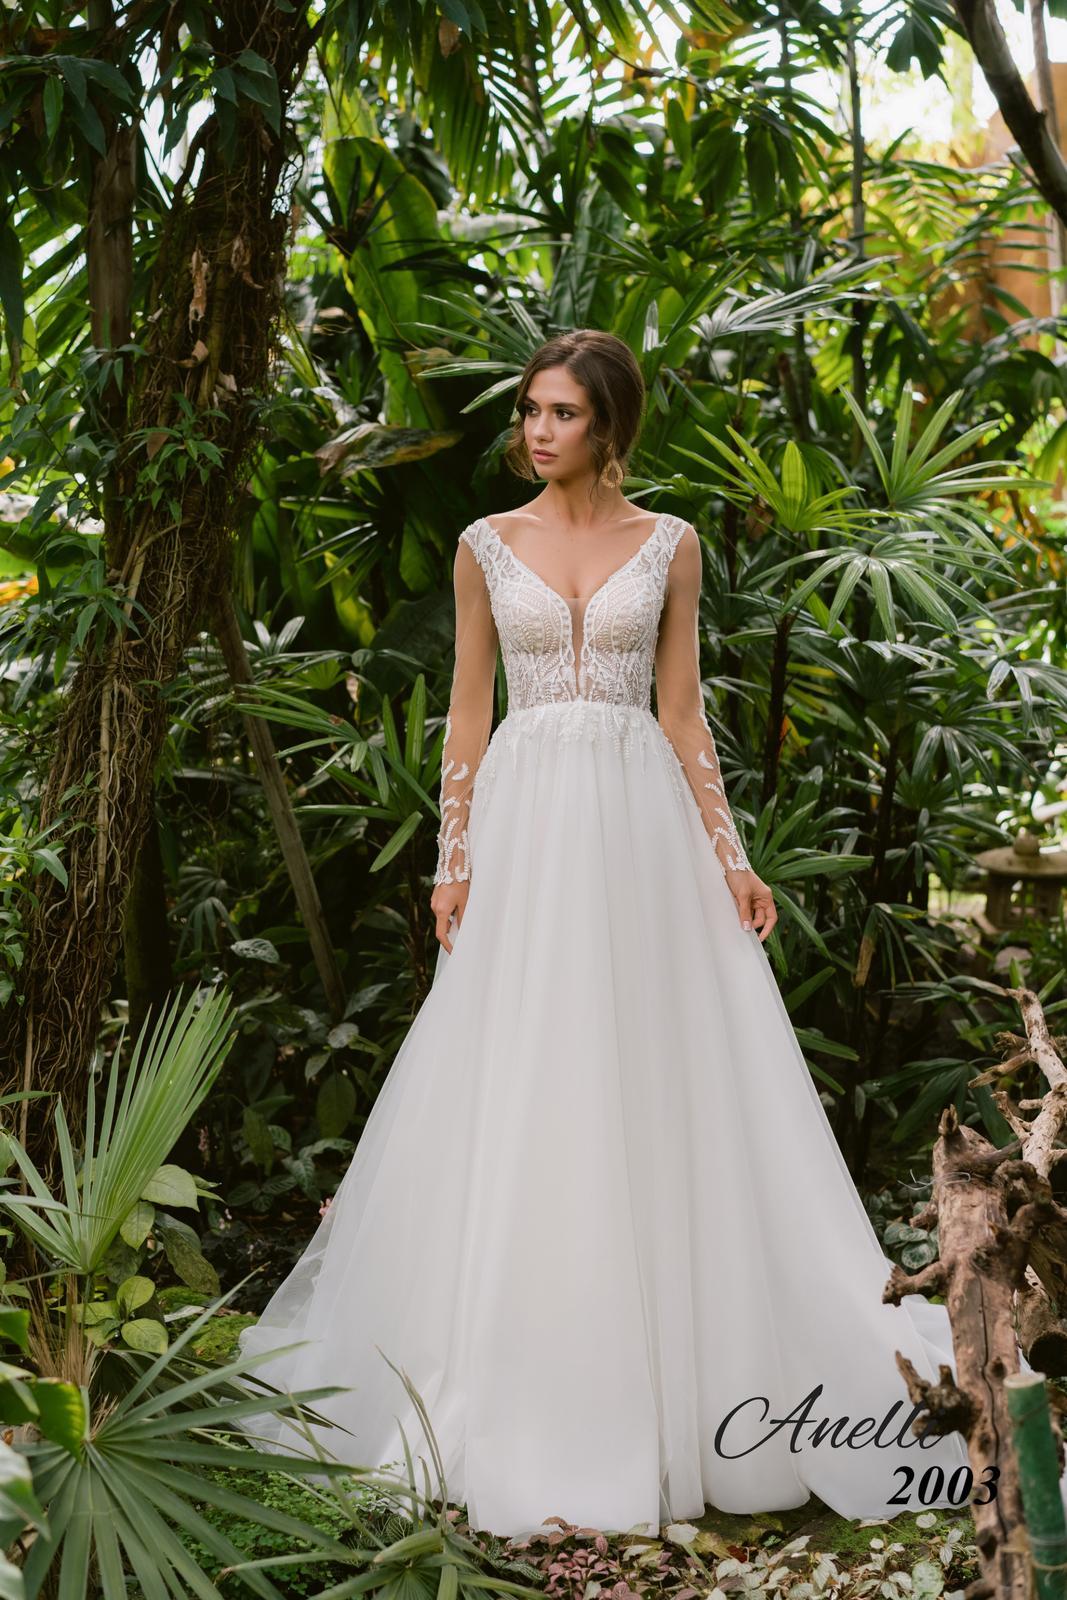 Svadobné šaty - Breeze 2003 - Obrázok č. 2